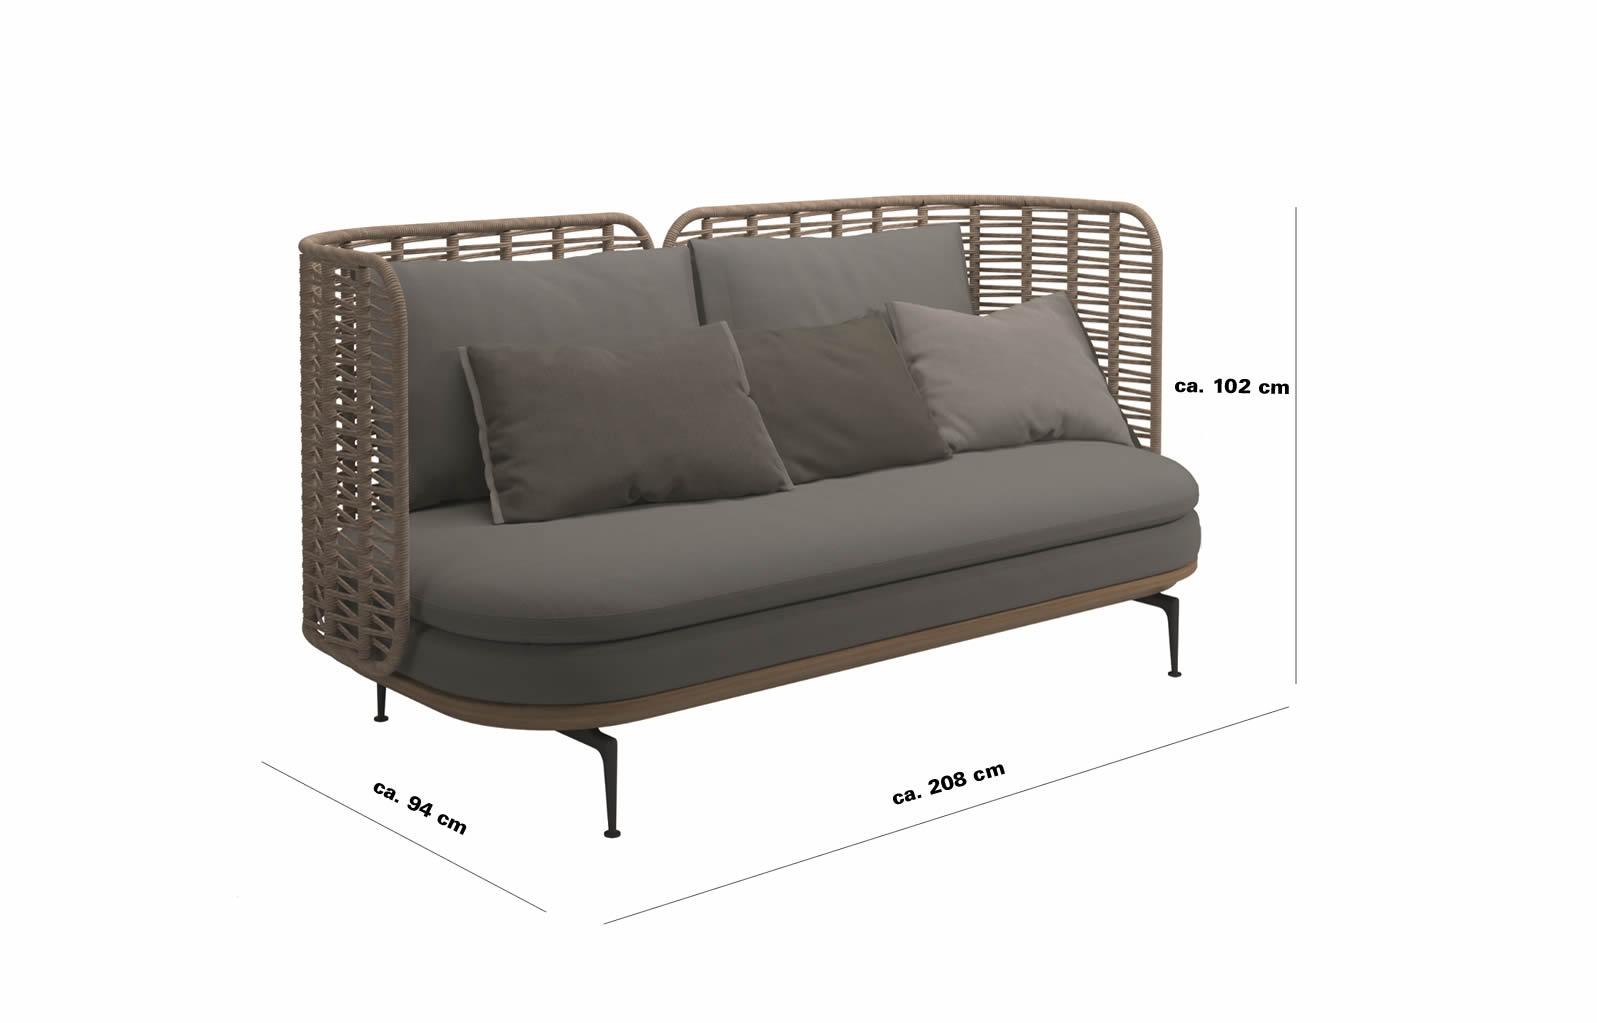 gloster-Mistral-sofa-abmessungen3